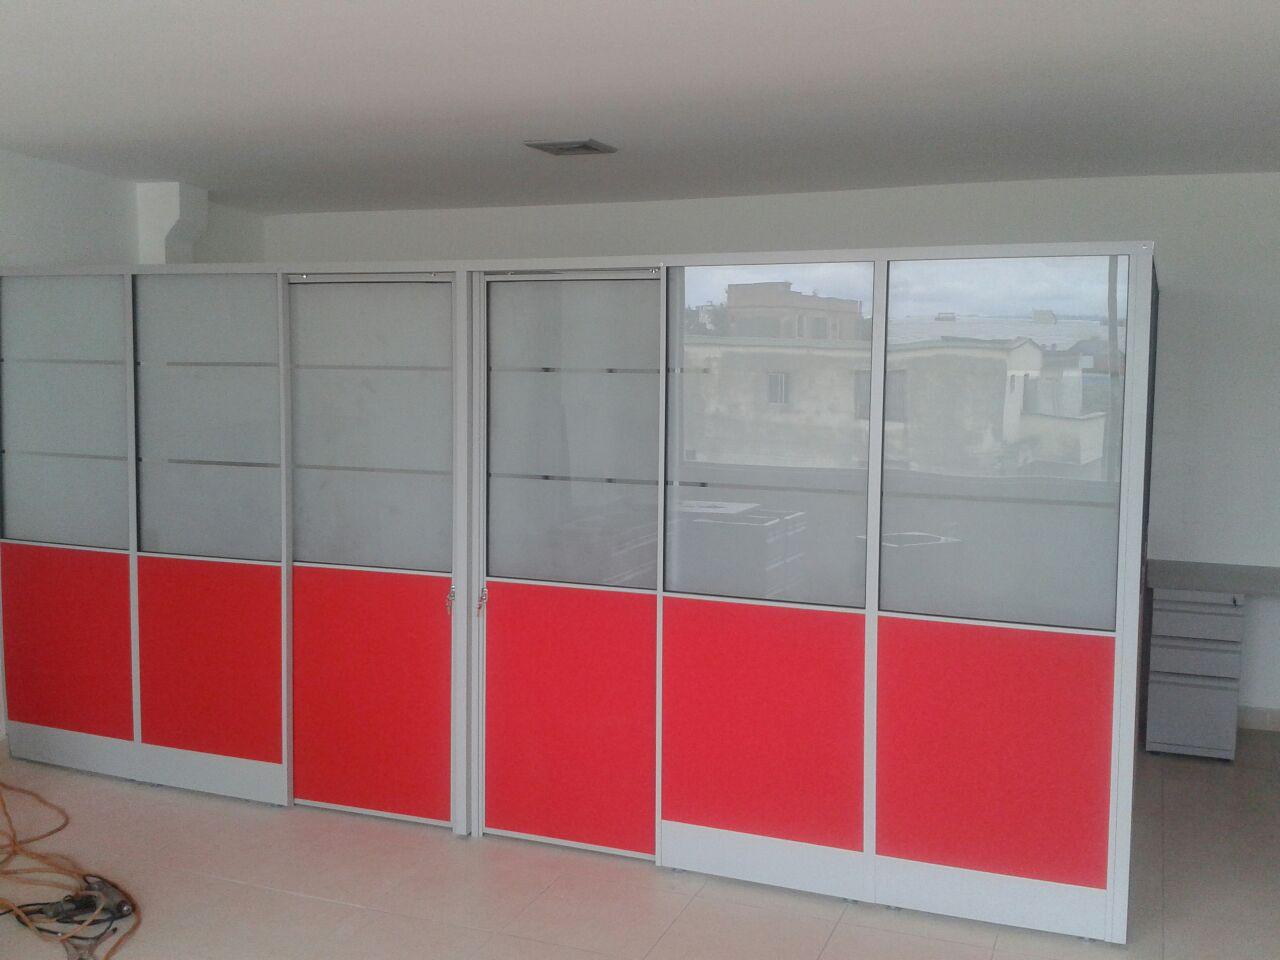 Divisi N En Drywall Y Aluminio Oficinas Ideal Oficinas